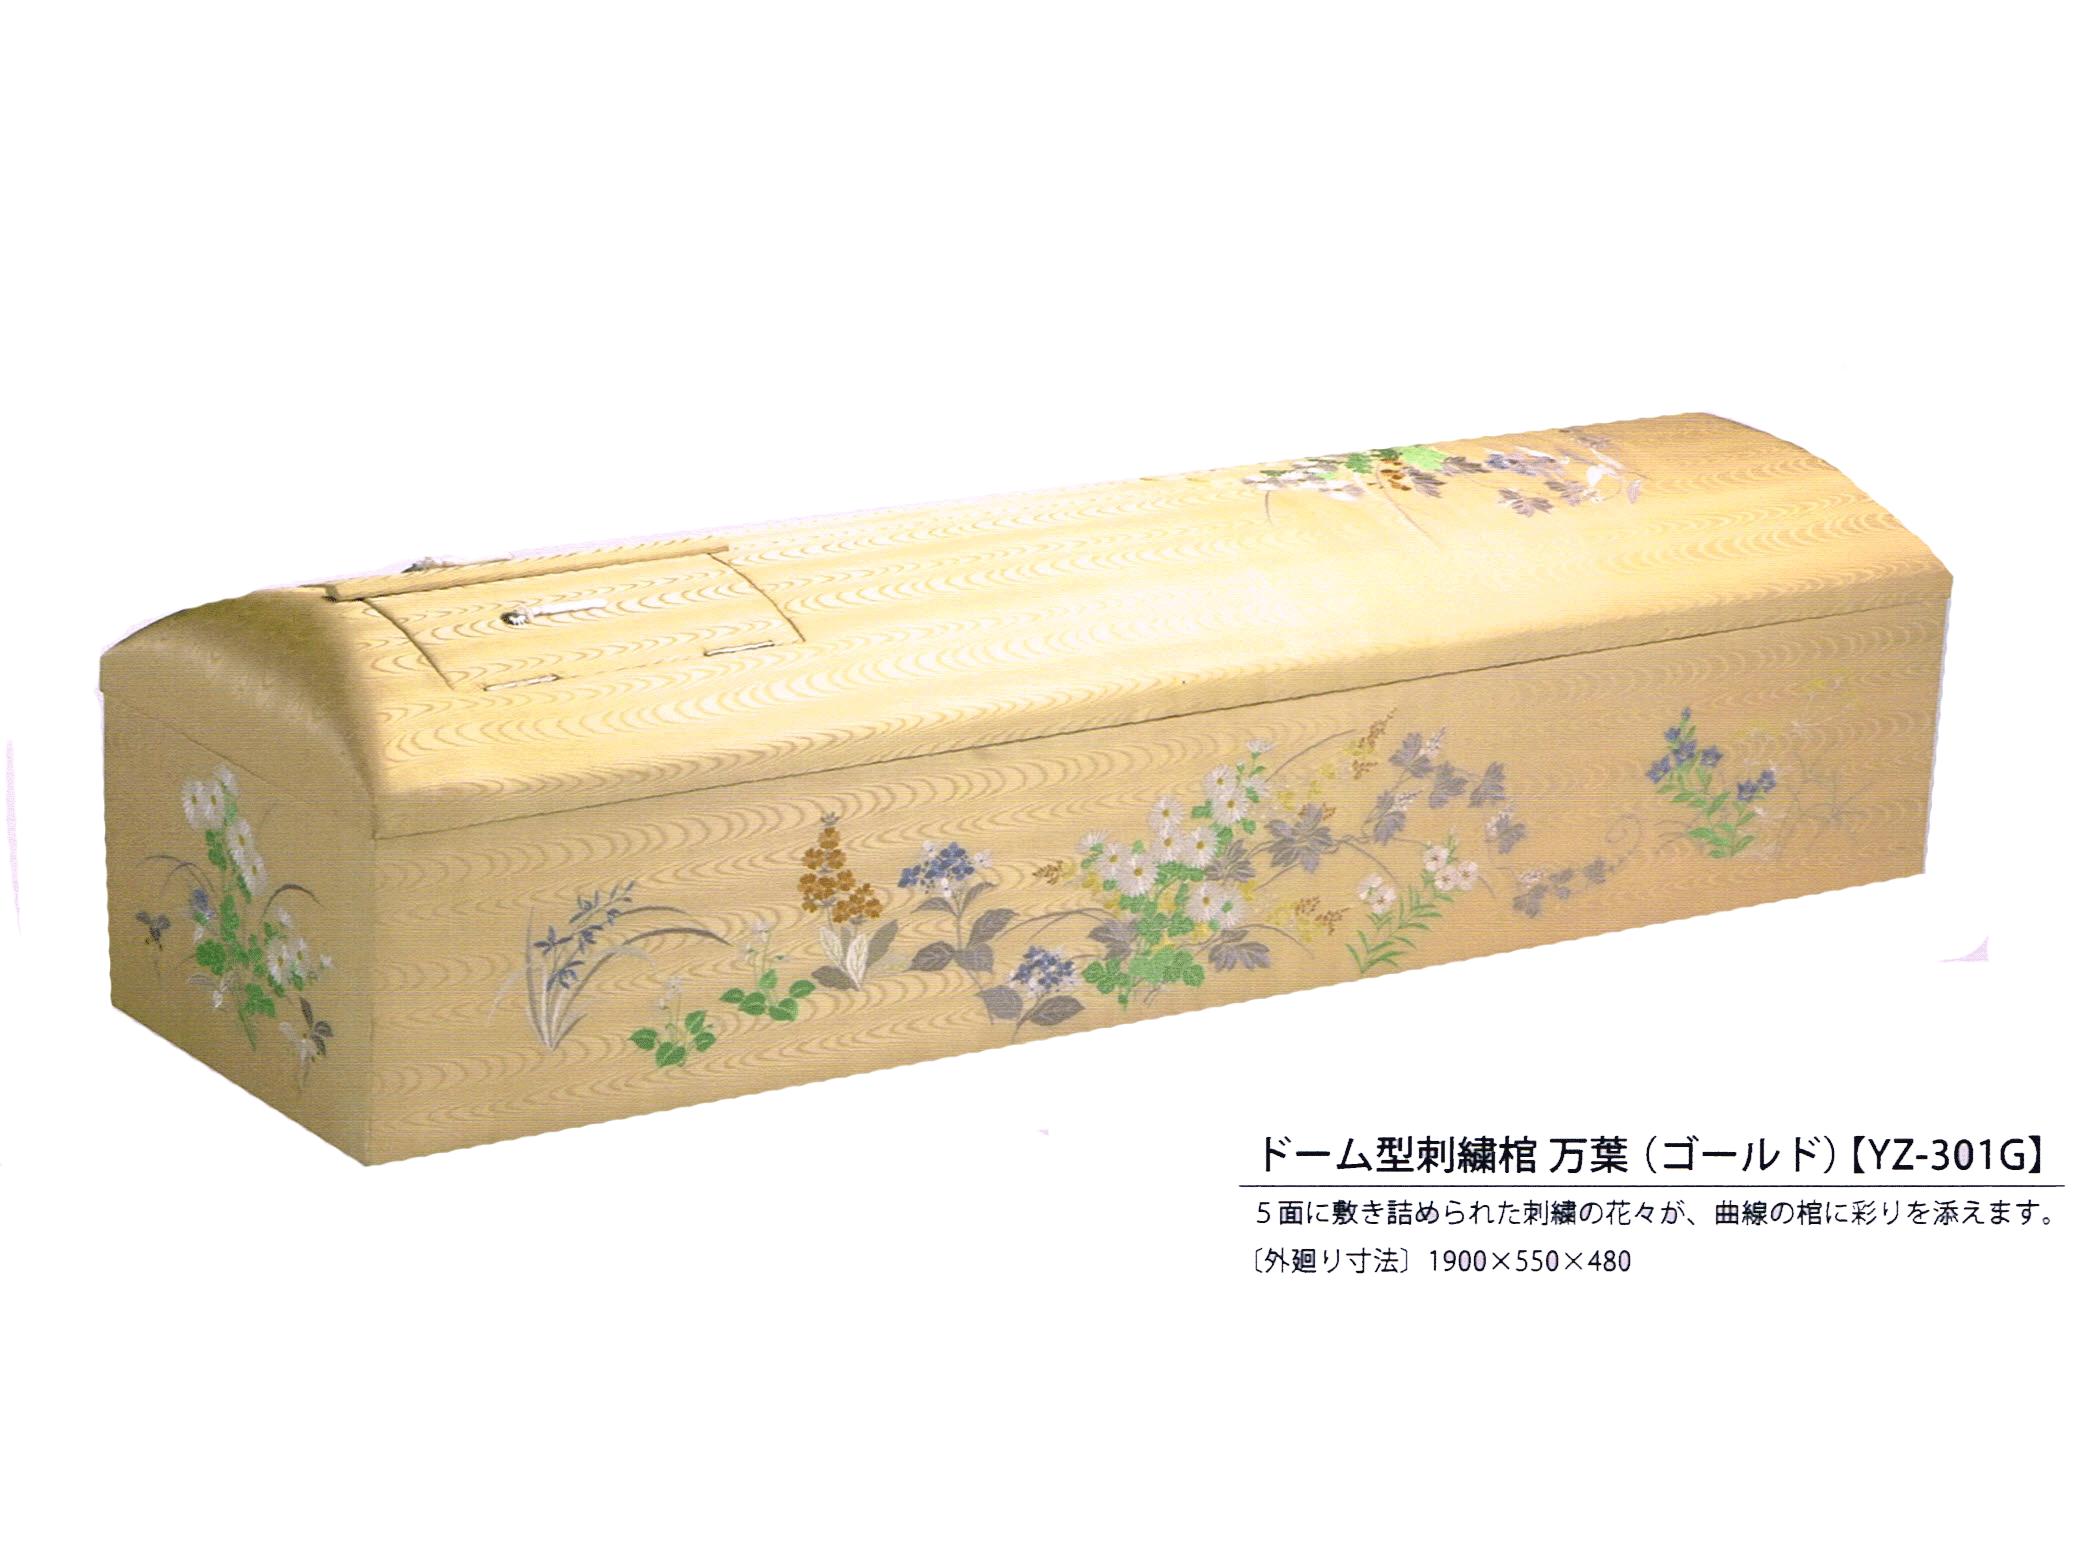 ドーム型刺繍棺 万葉(ゴールド)